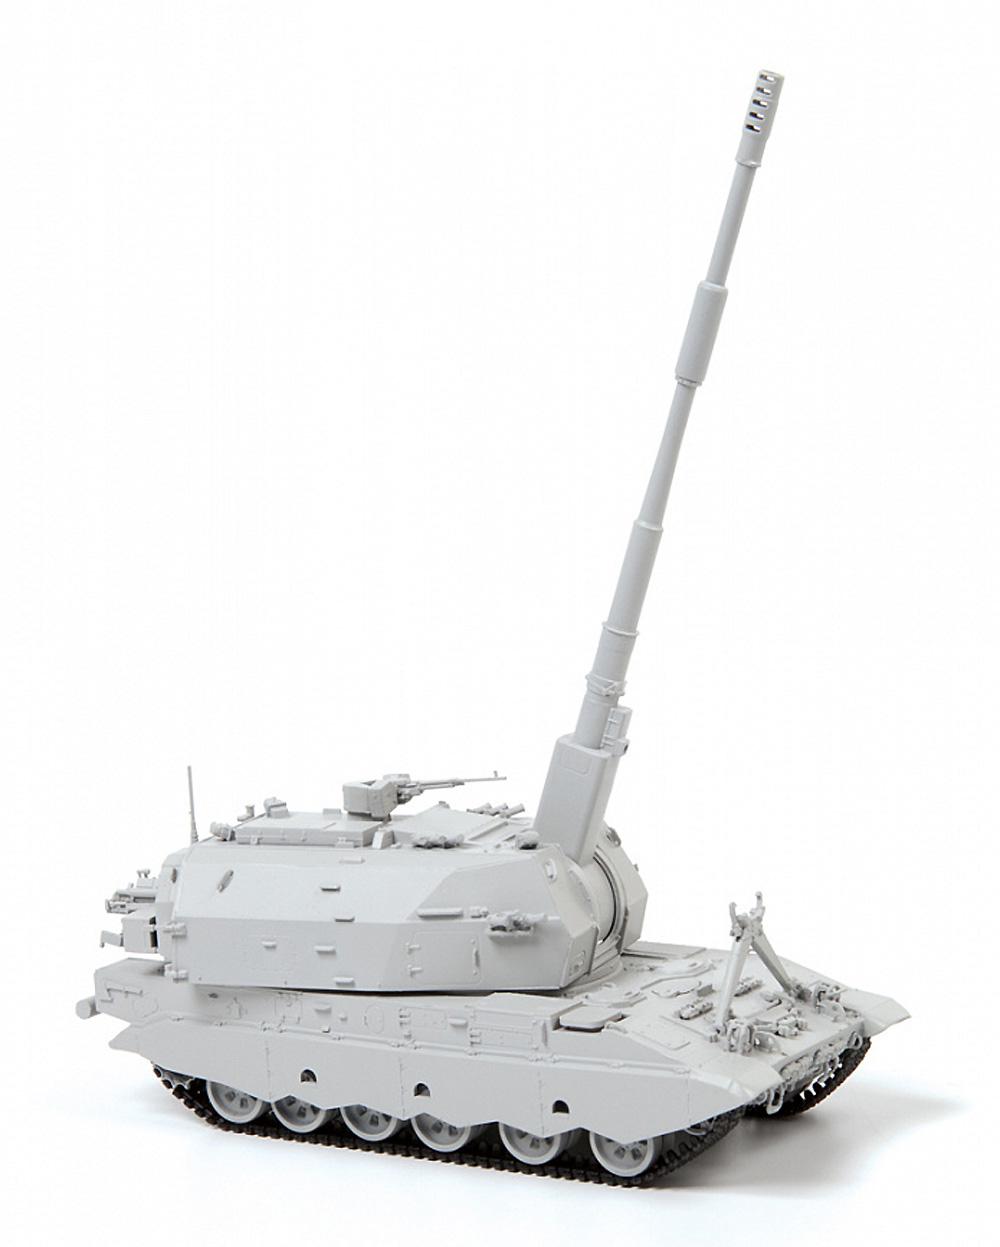 ロシア 152mm 自走榴弾砲 2S35 コアリツィヤ-SVプラモデル(ズベズダ1/72 ミリタリーNo.5055)商品画像_4